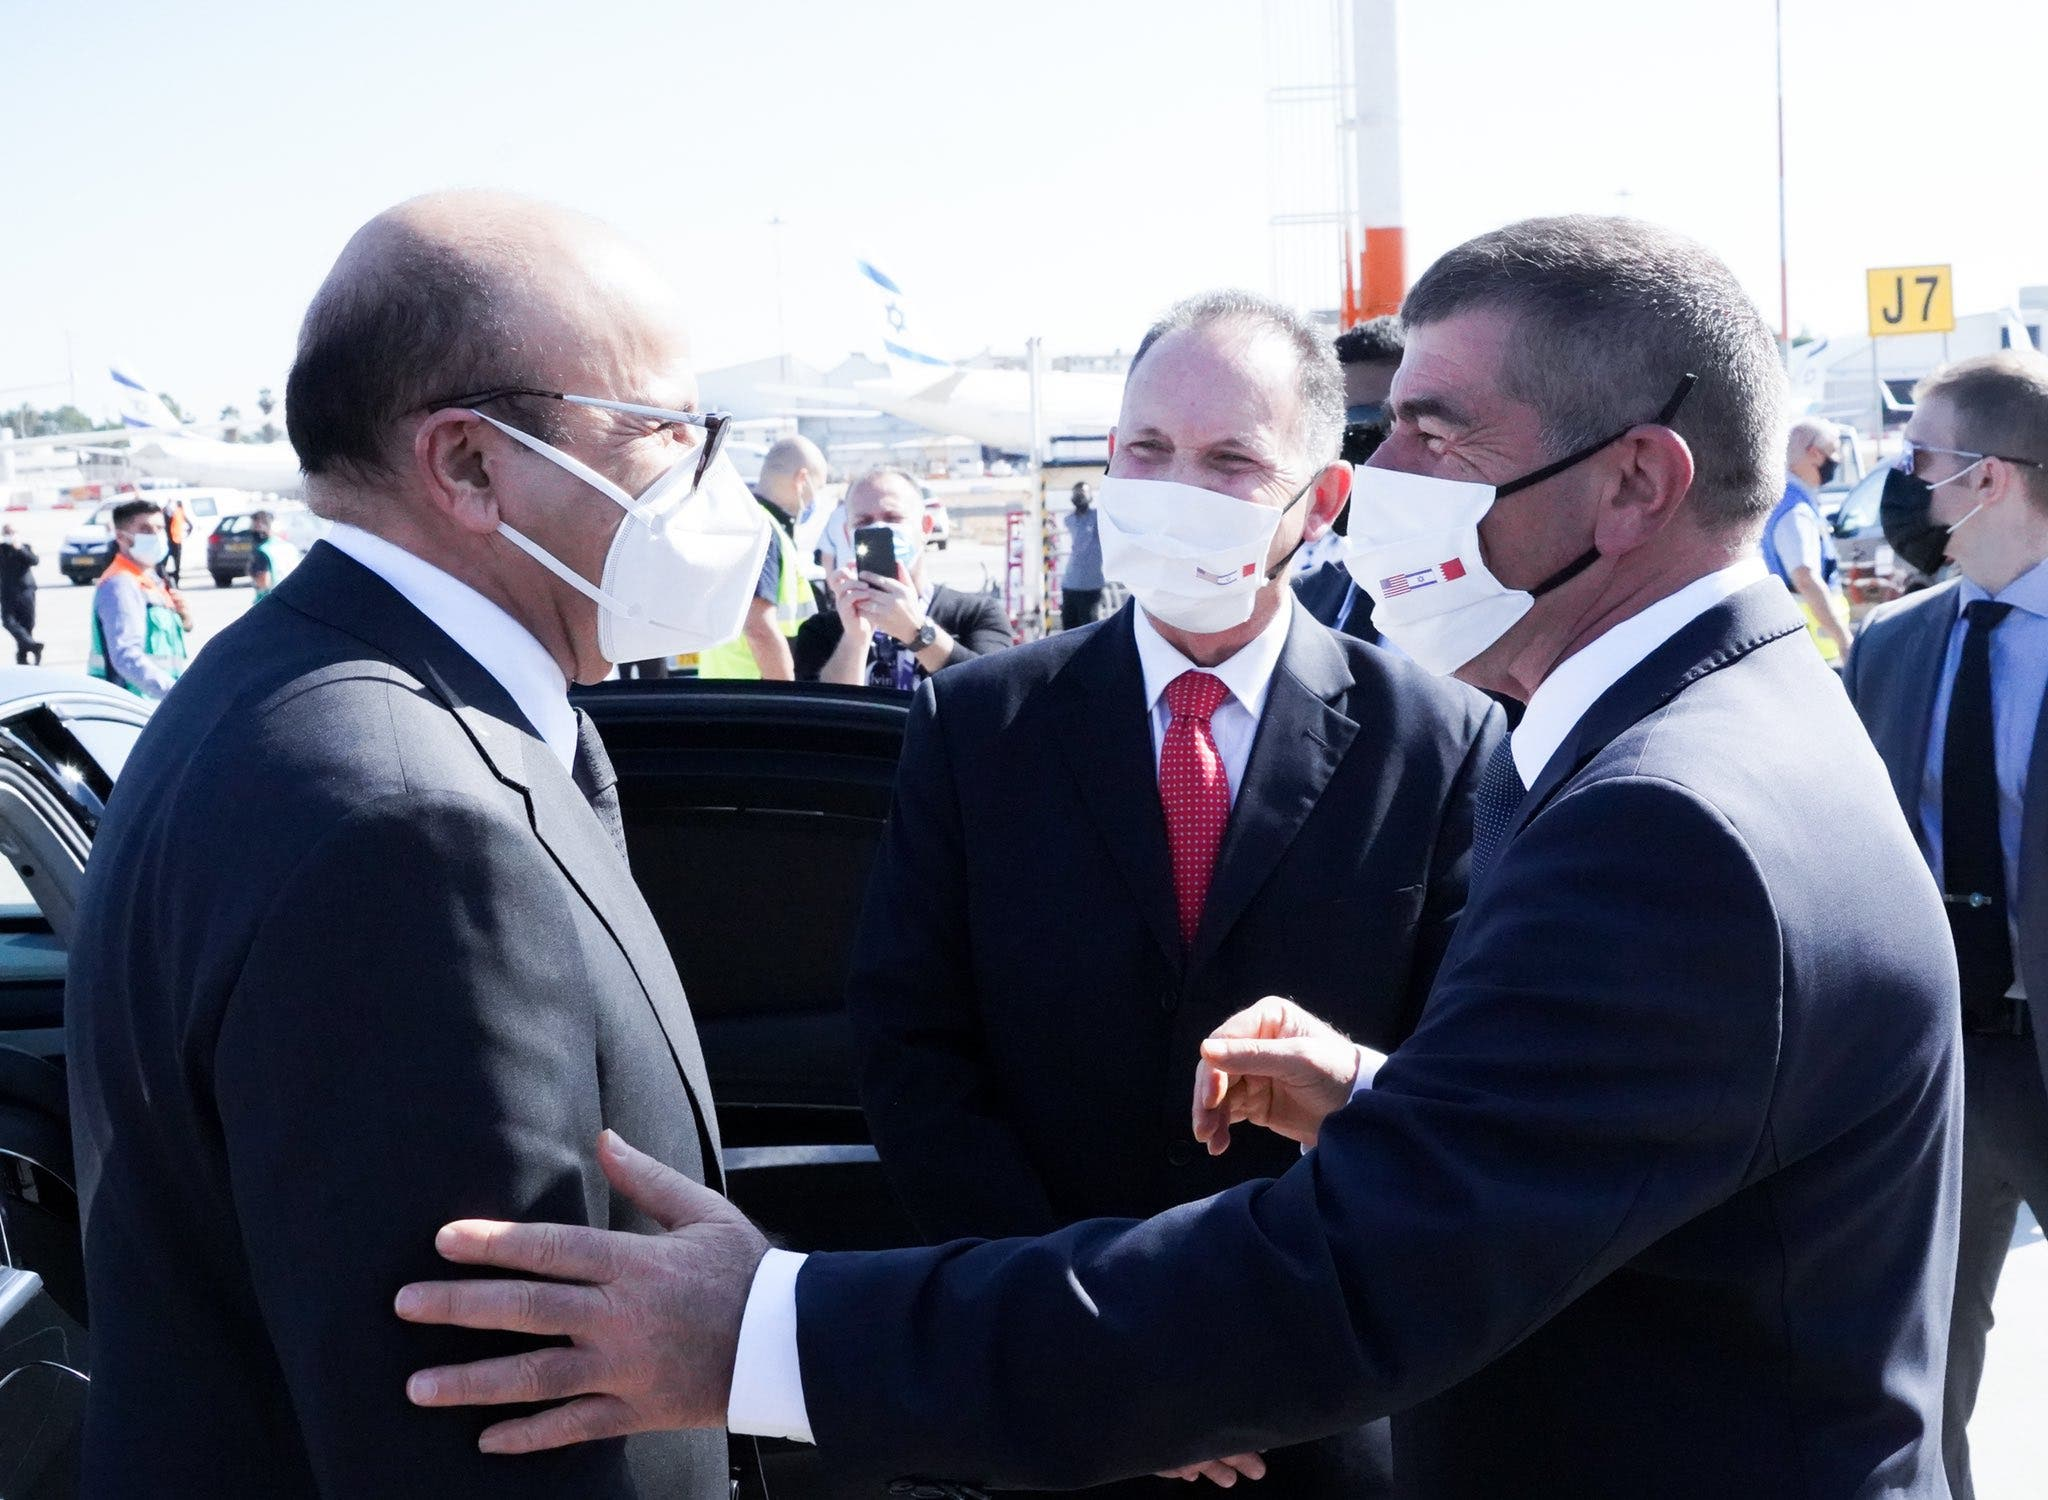 وصول الوفد البحريني إلى تل أبيب - 18 نوفمبر 2020